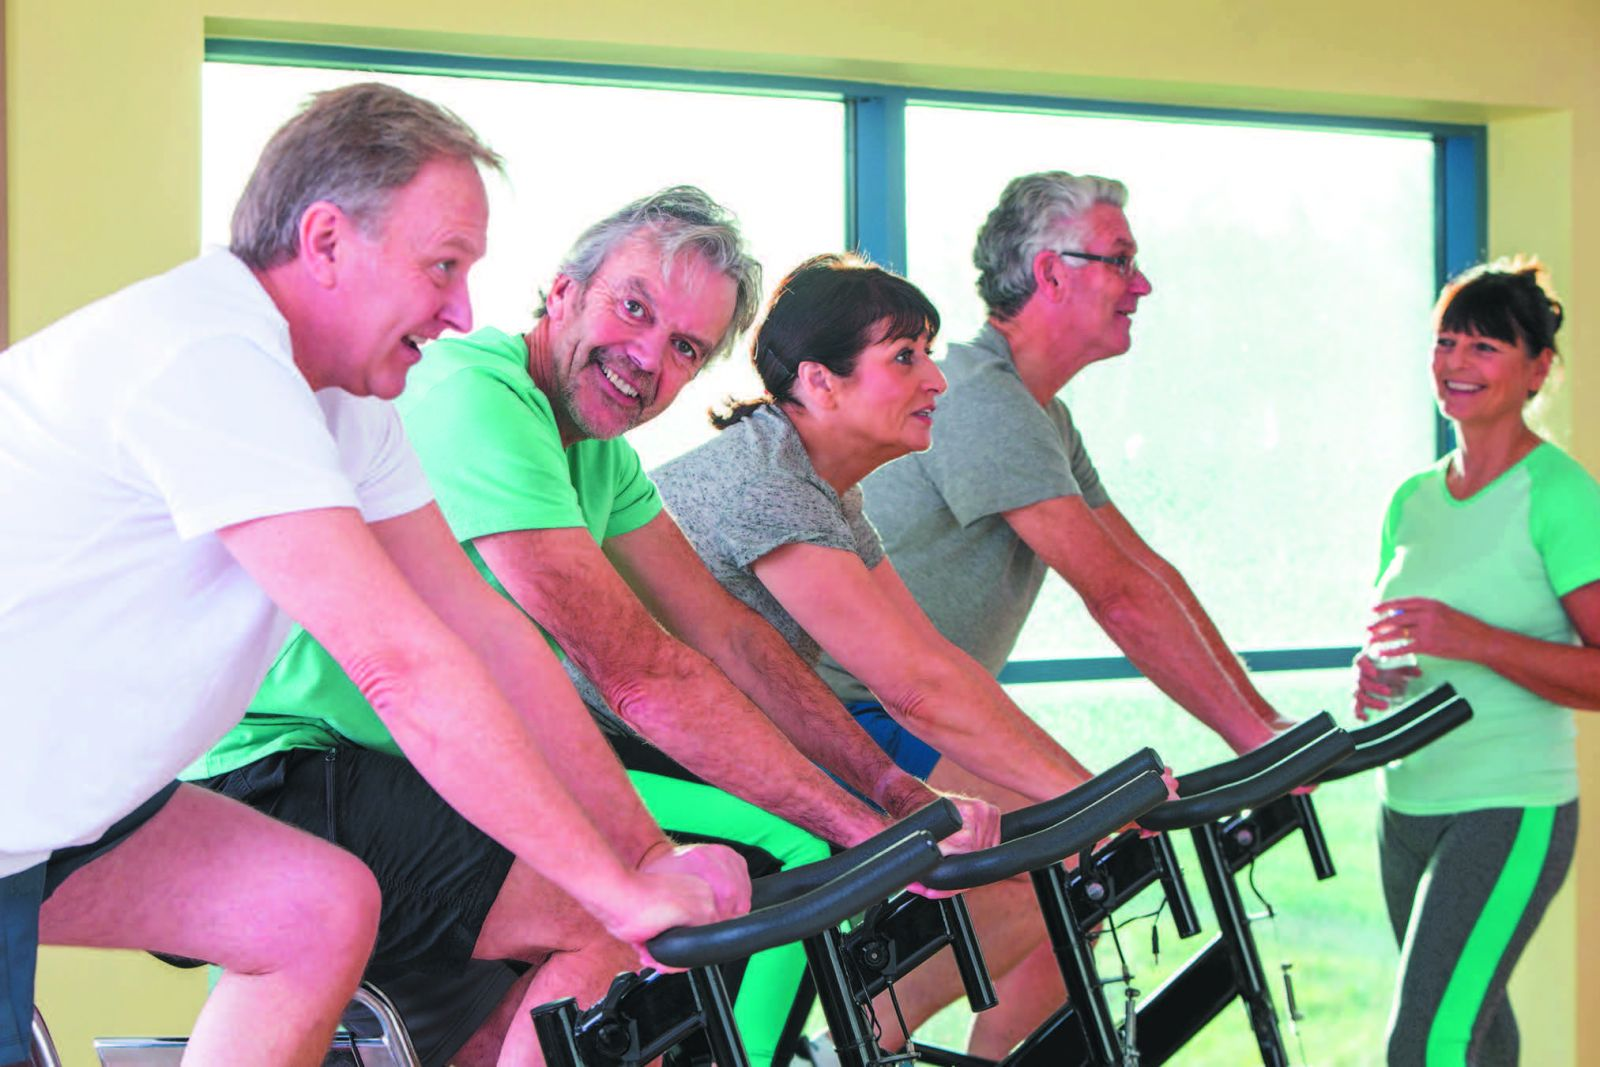 افزایش حافظه با 20 دقیقه ورزش فشرده